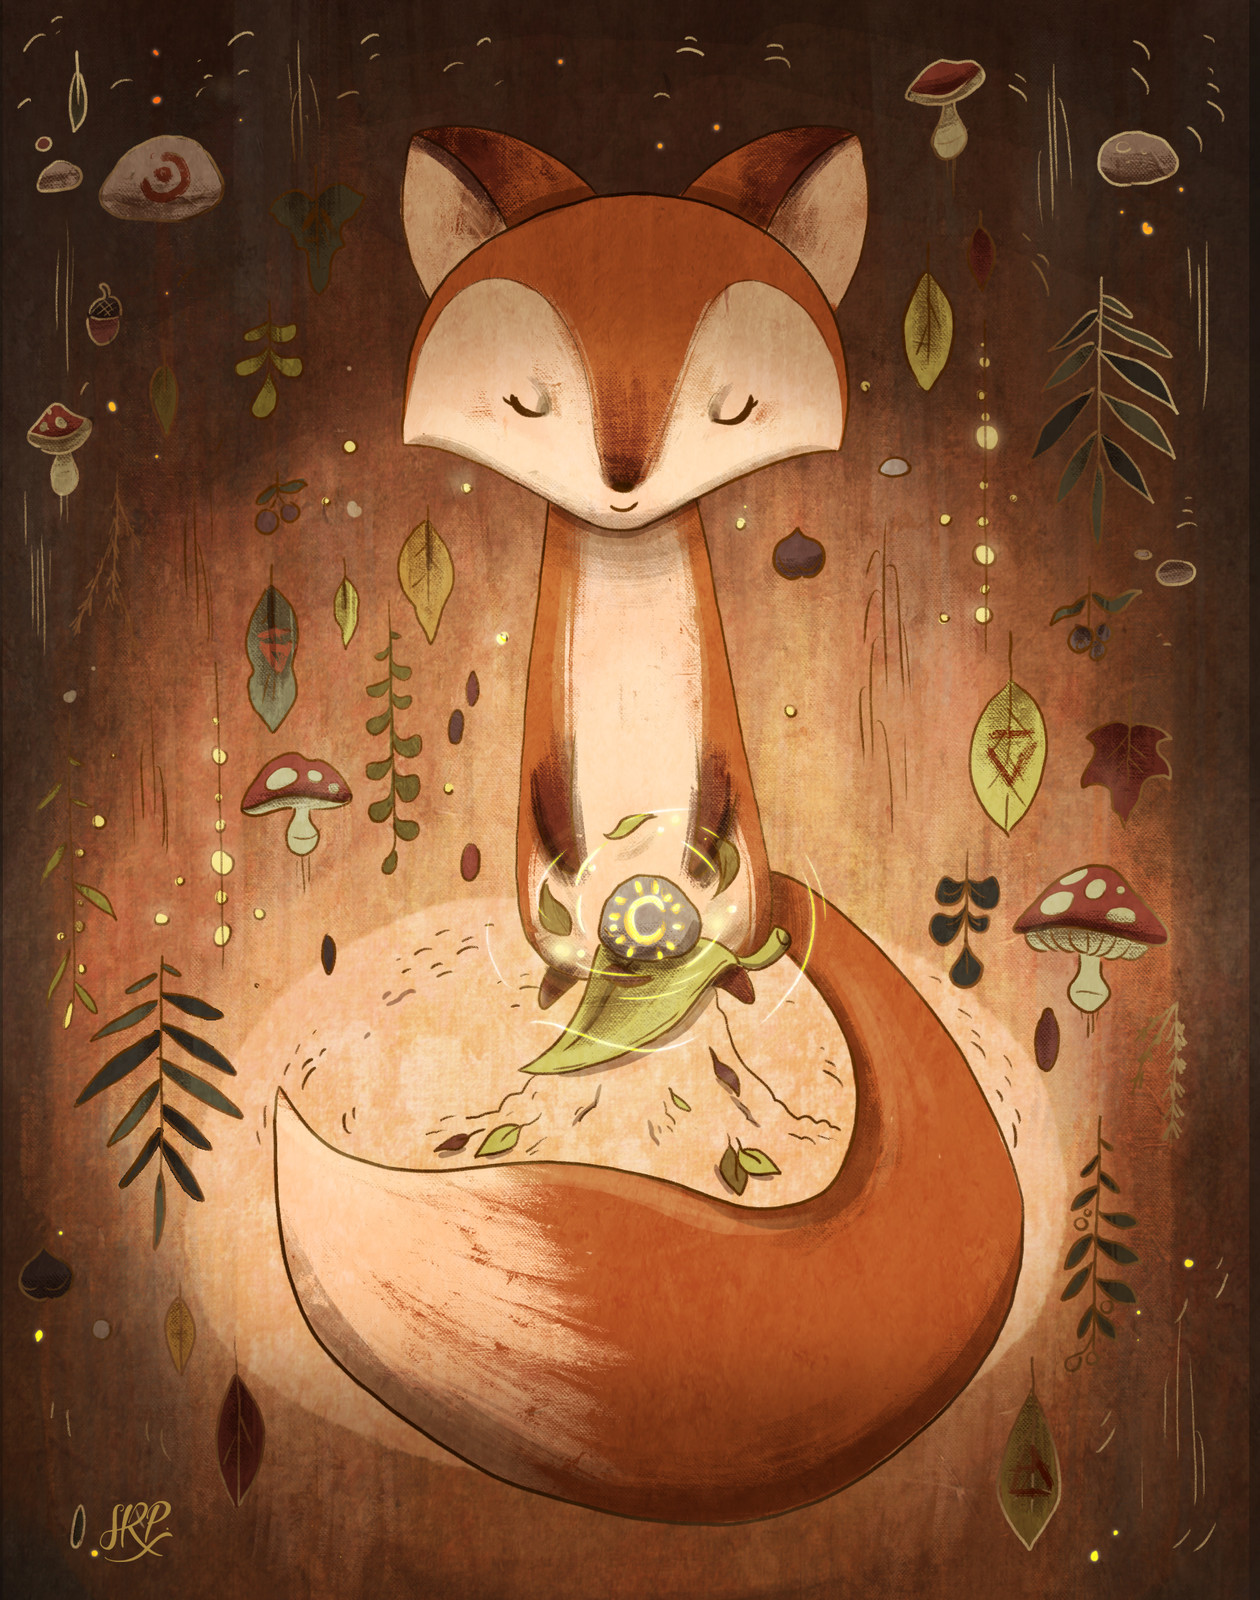 Fox - Ál's tale